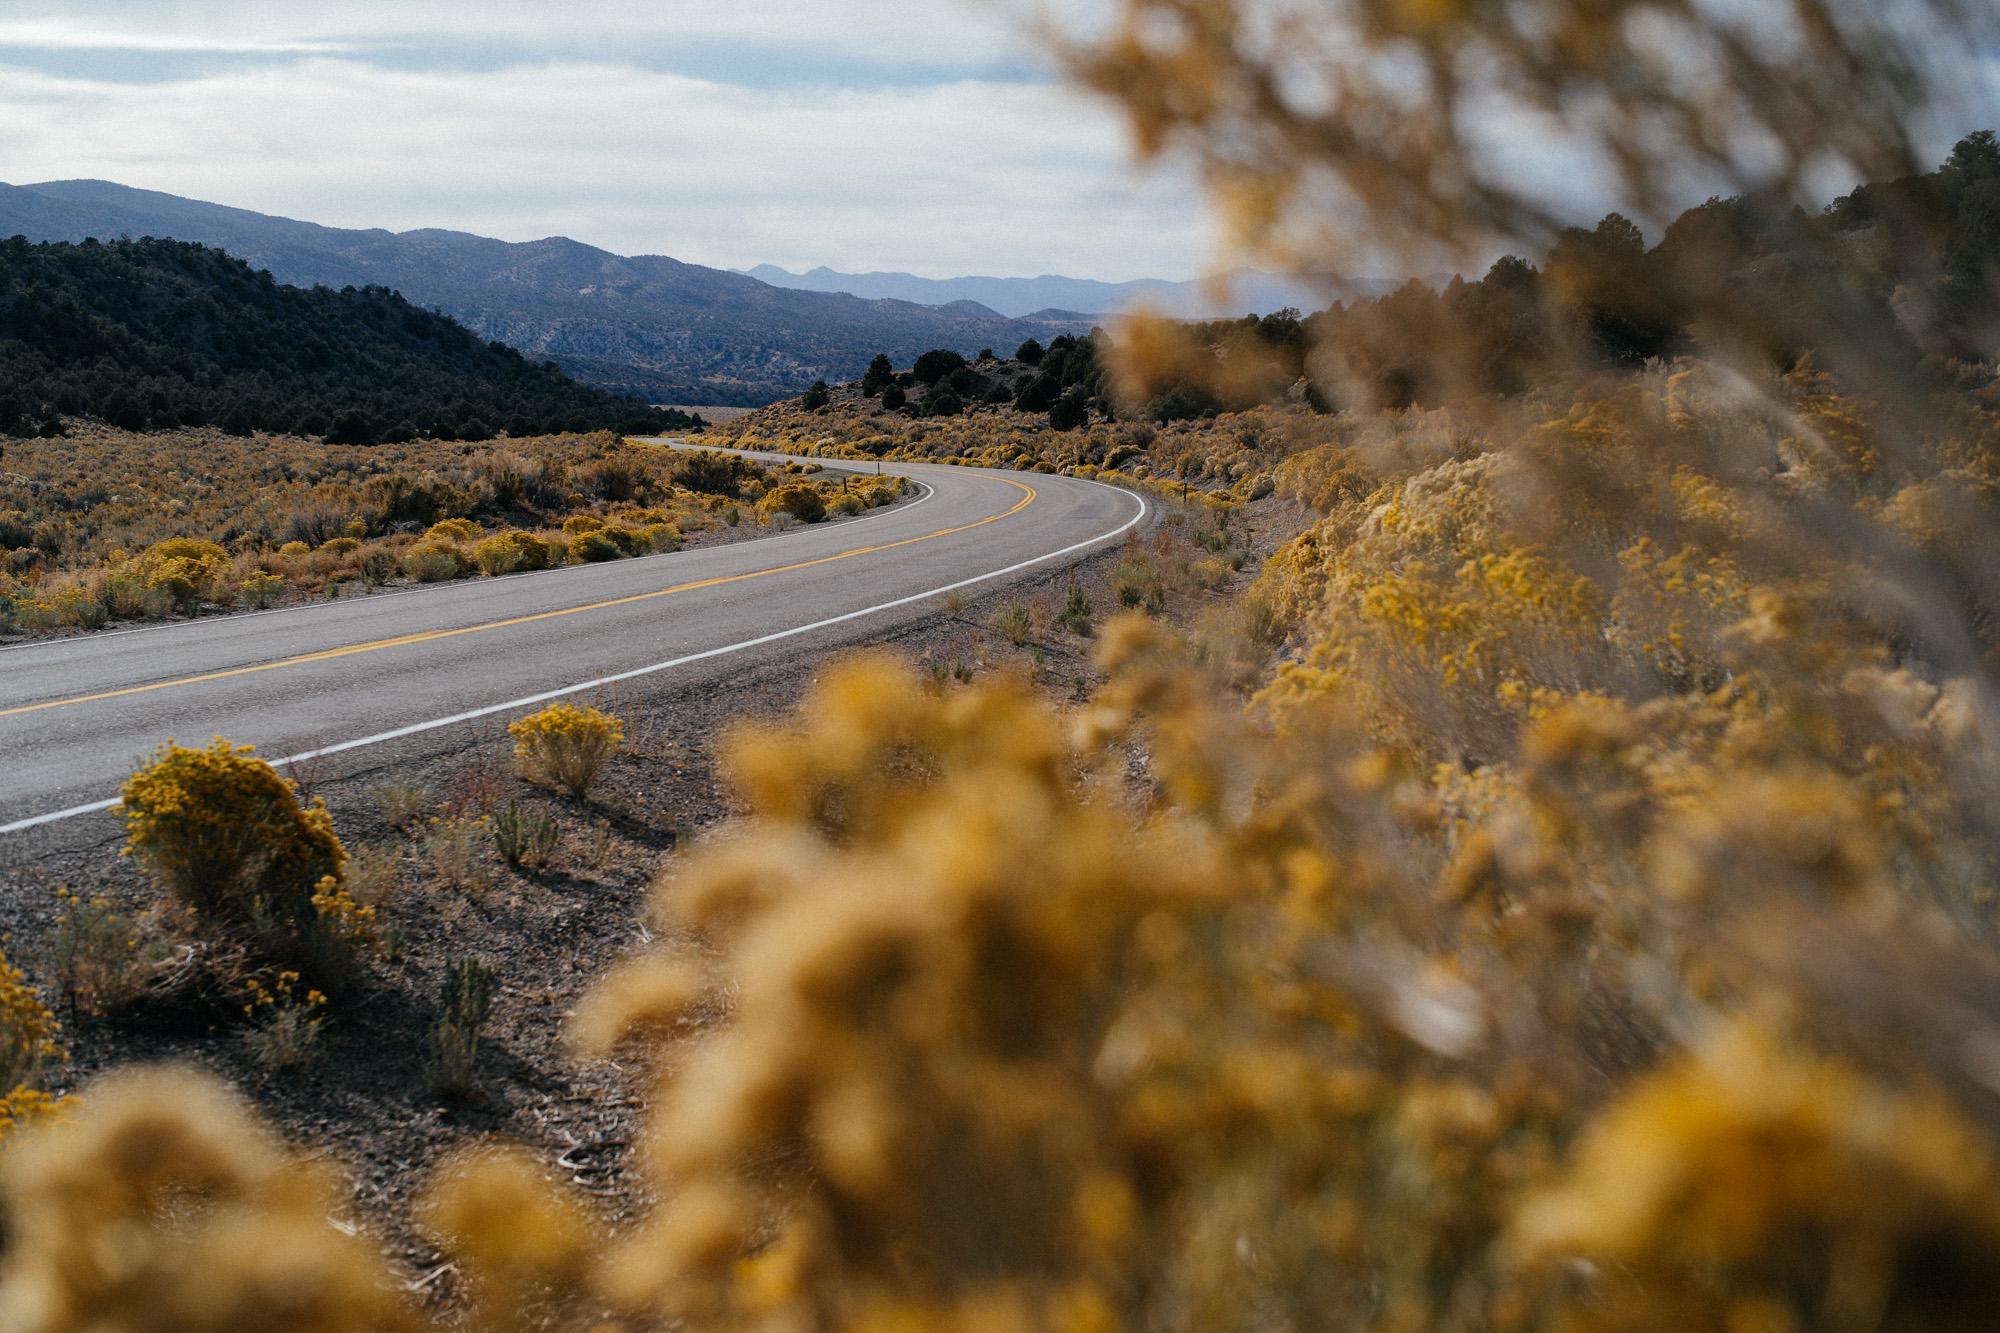 Highway 266